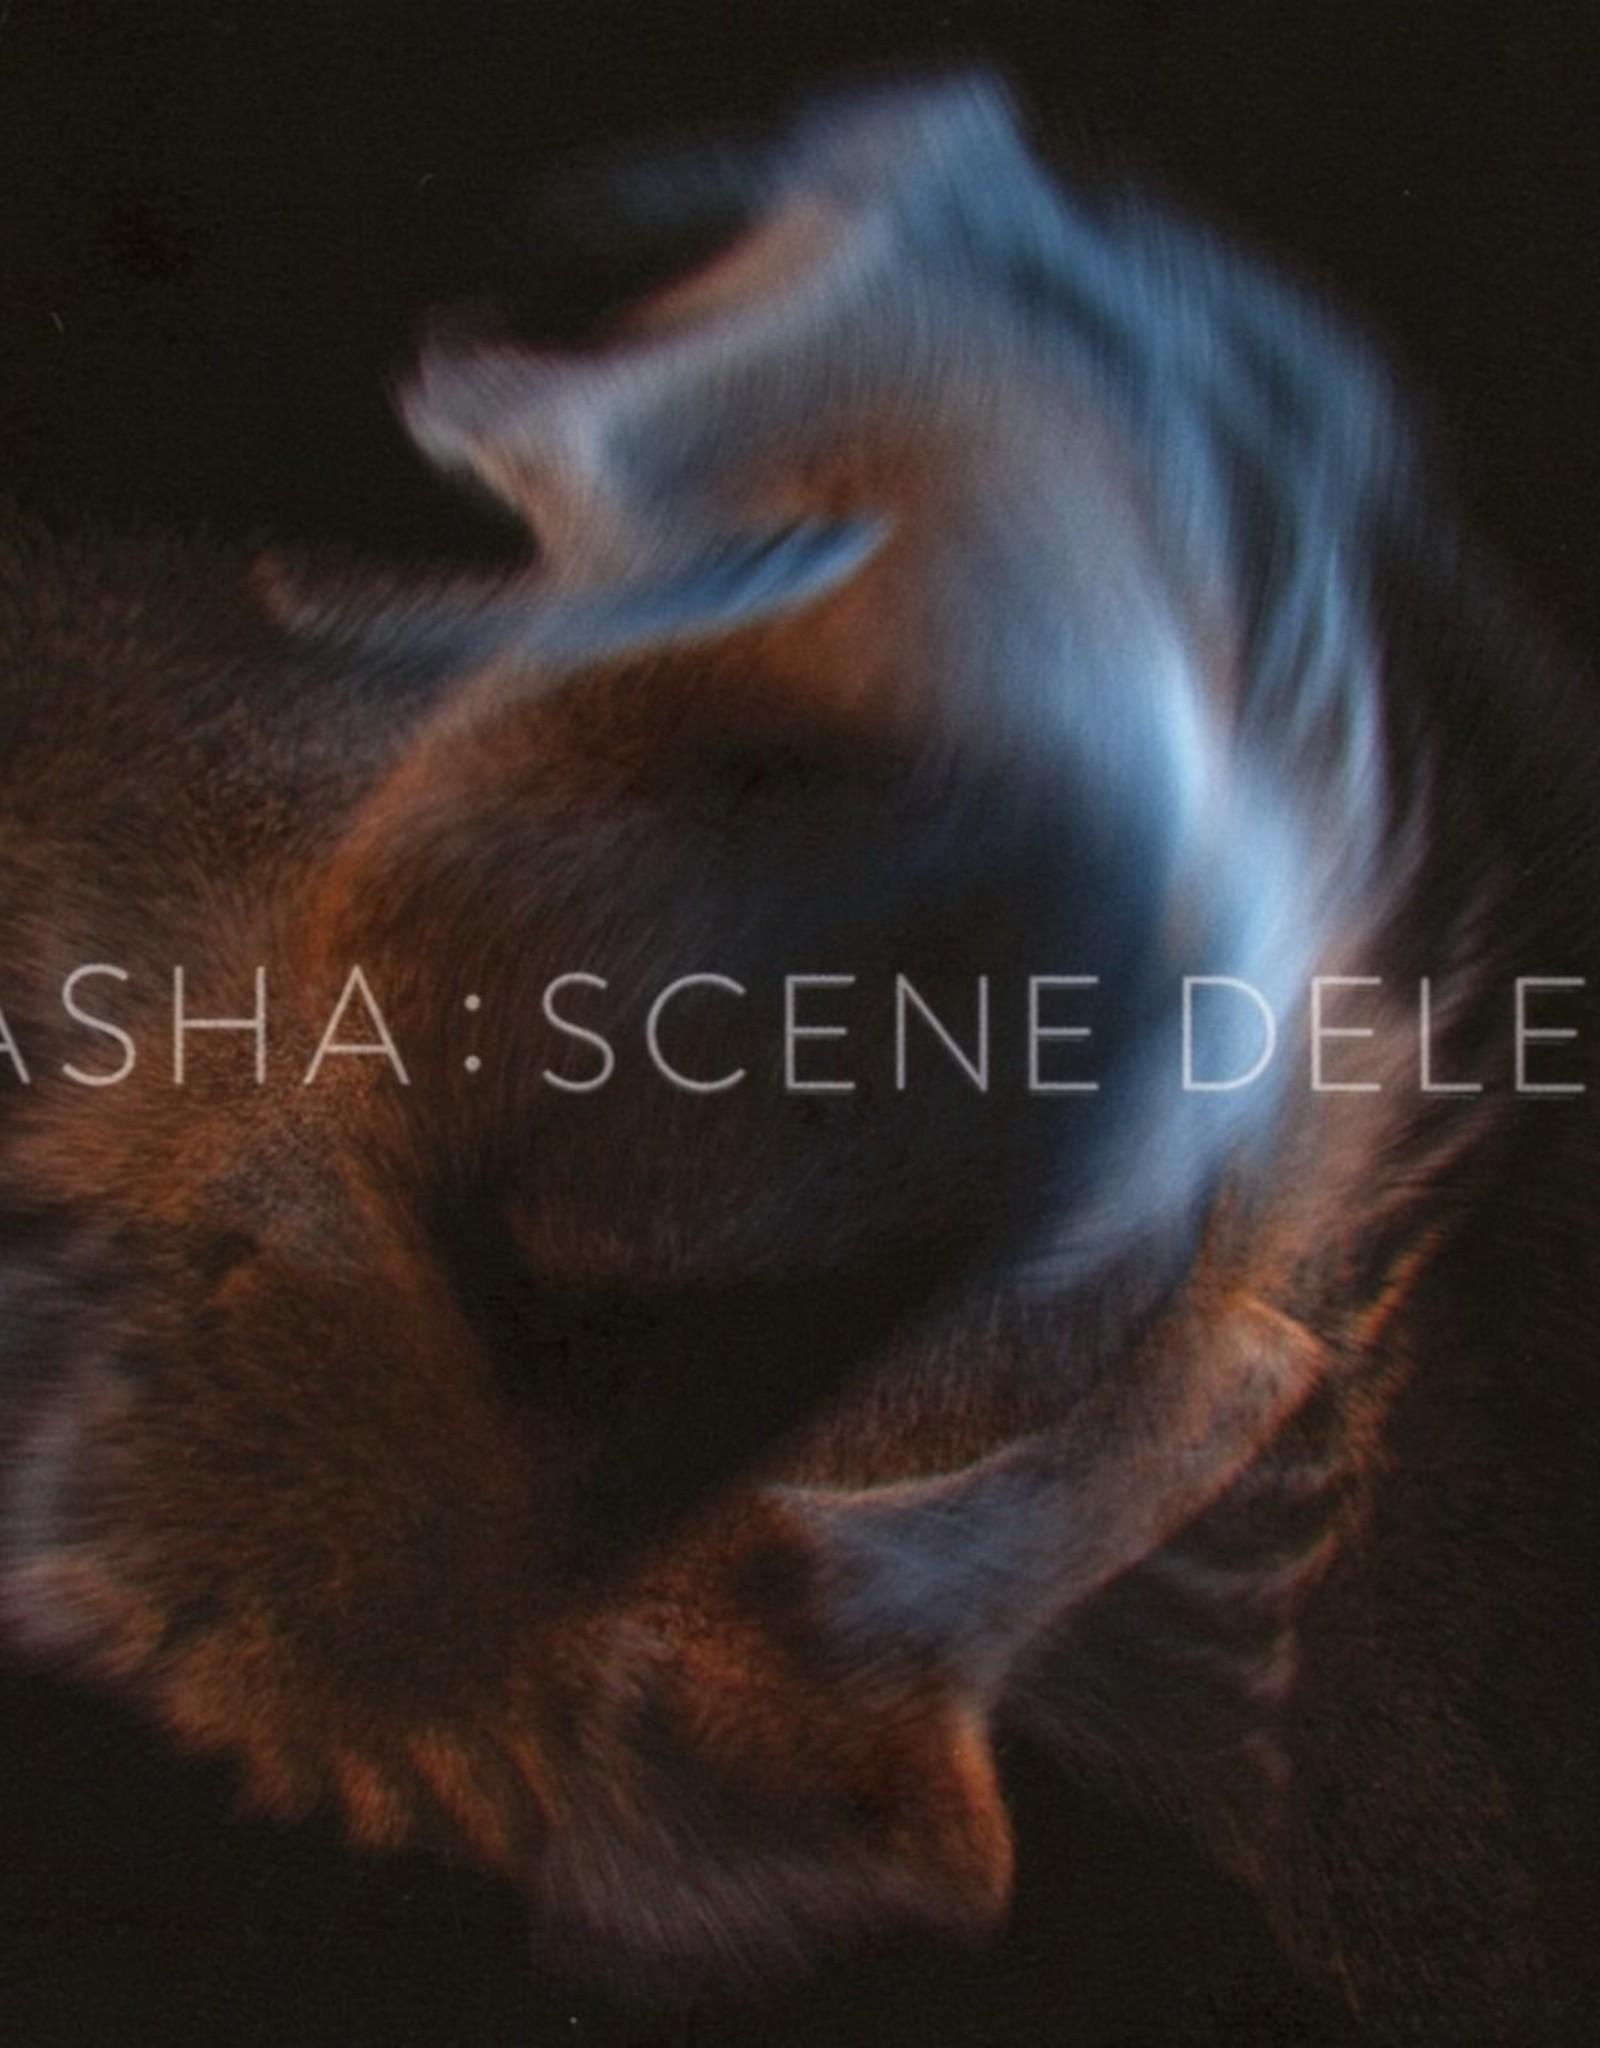 Late Night Tales Presents Sasha : Scene Delete - Late Night Tales Presents Sasha : Scene Delete